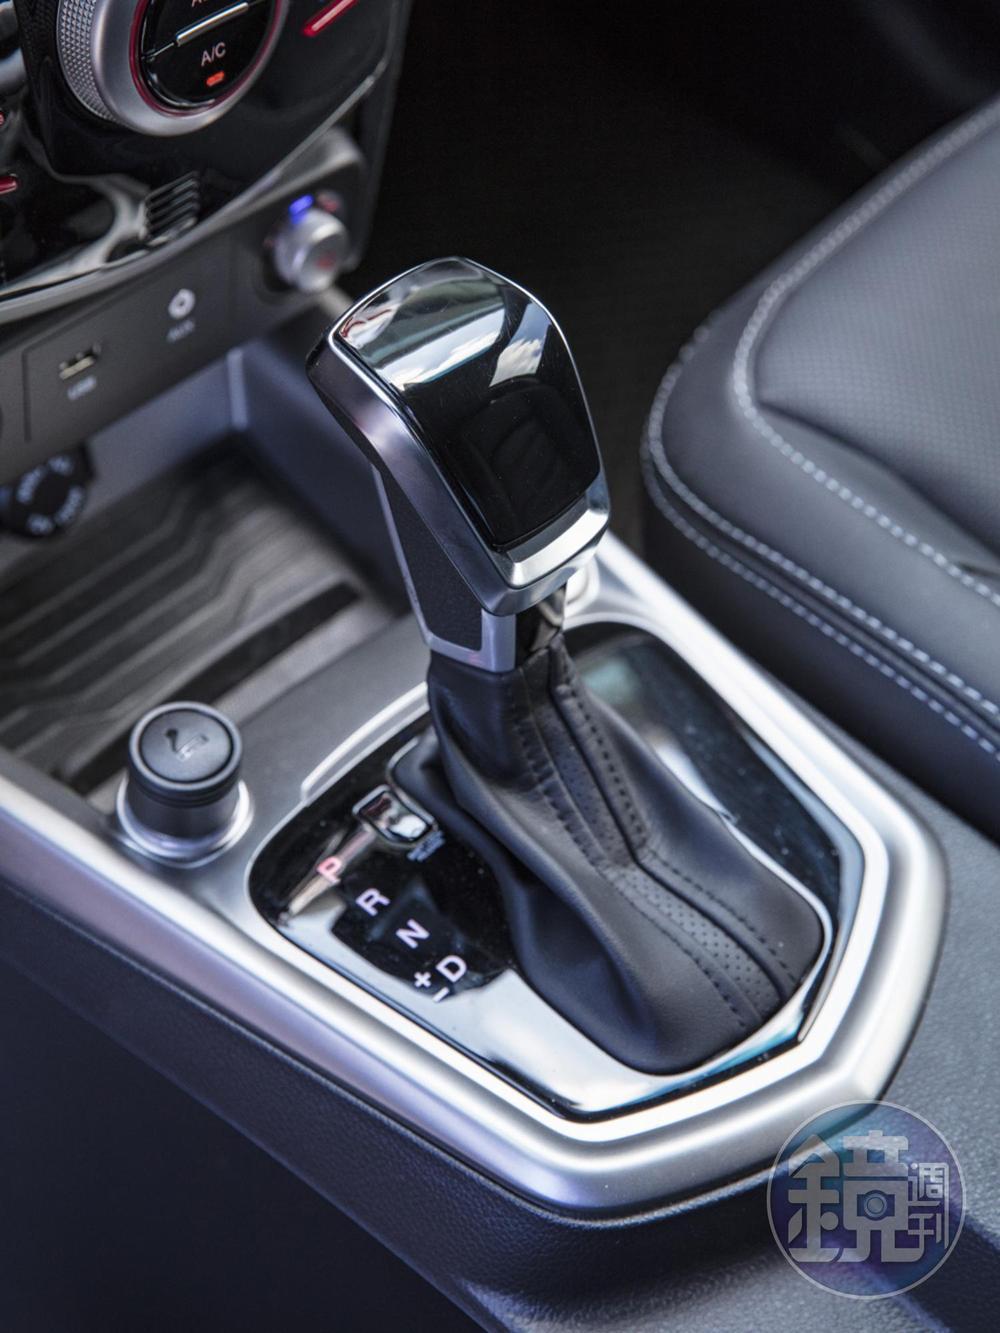 搭配的變速箱為AISIN 六速手自排變速箱。